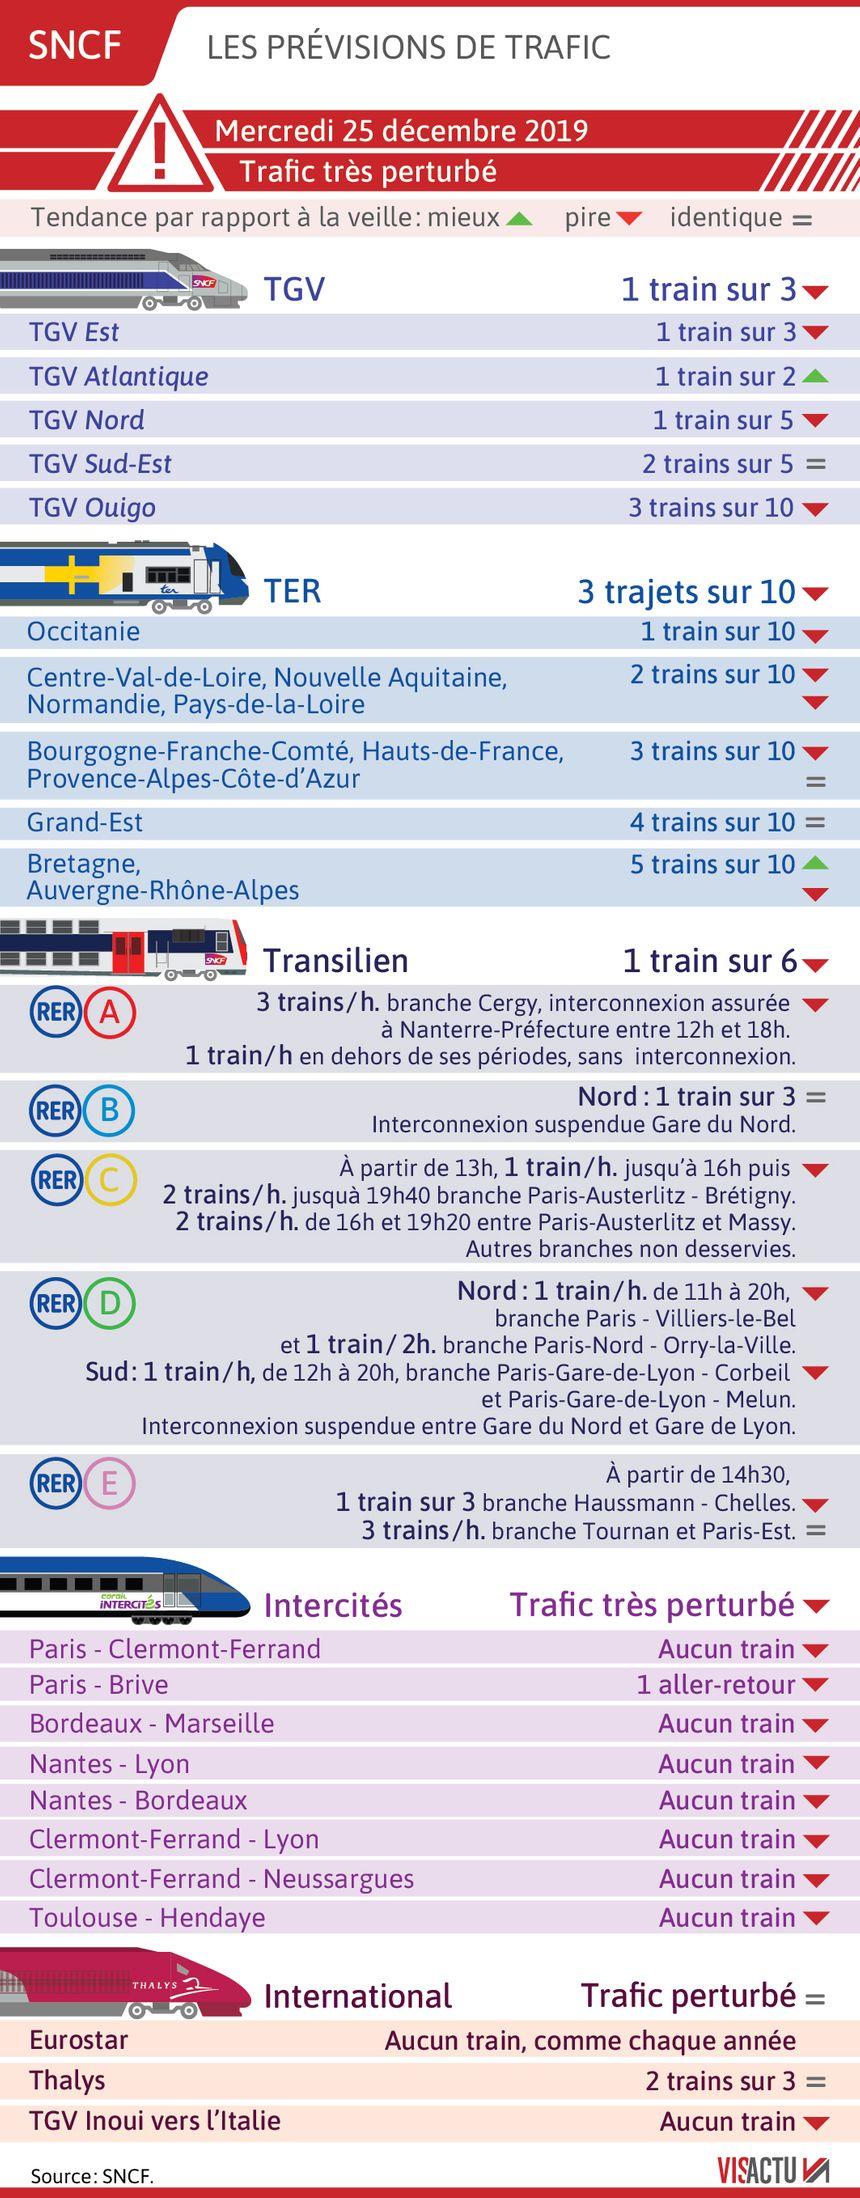 SNCF : les prévisions de circulation pour le 25 décembre